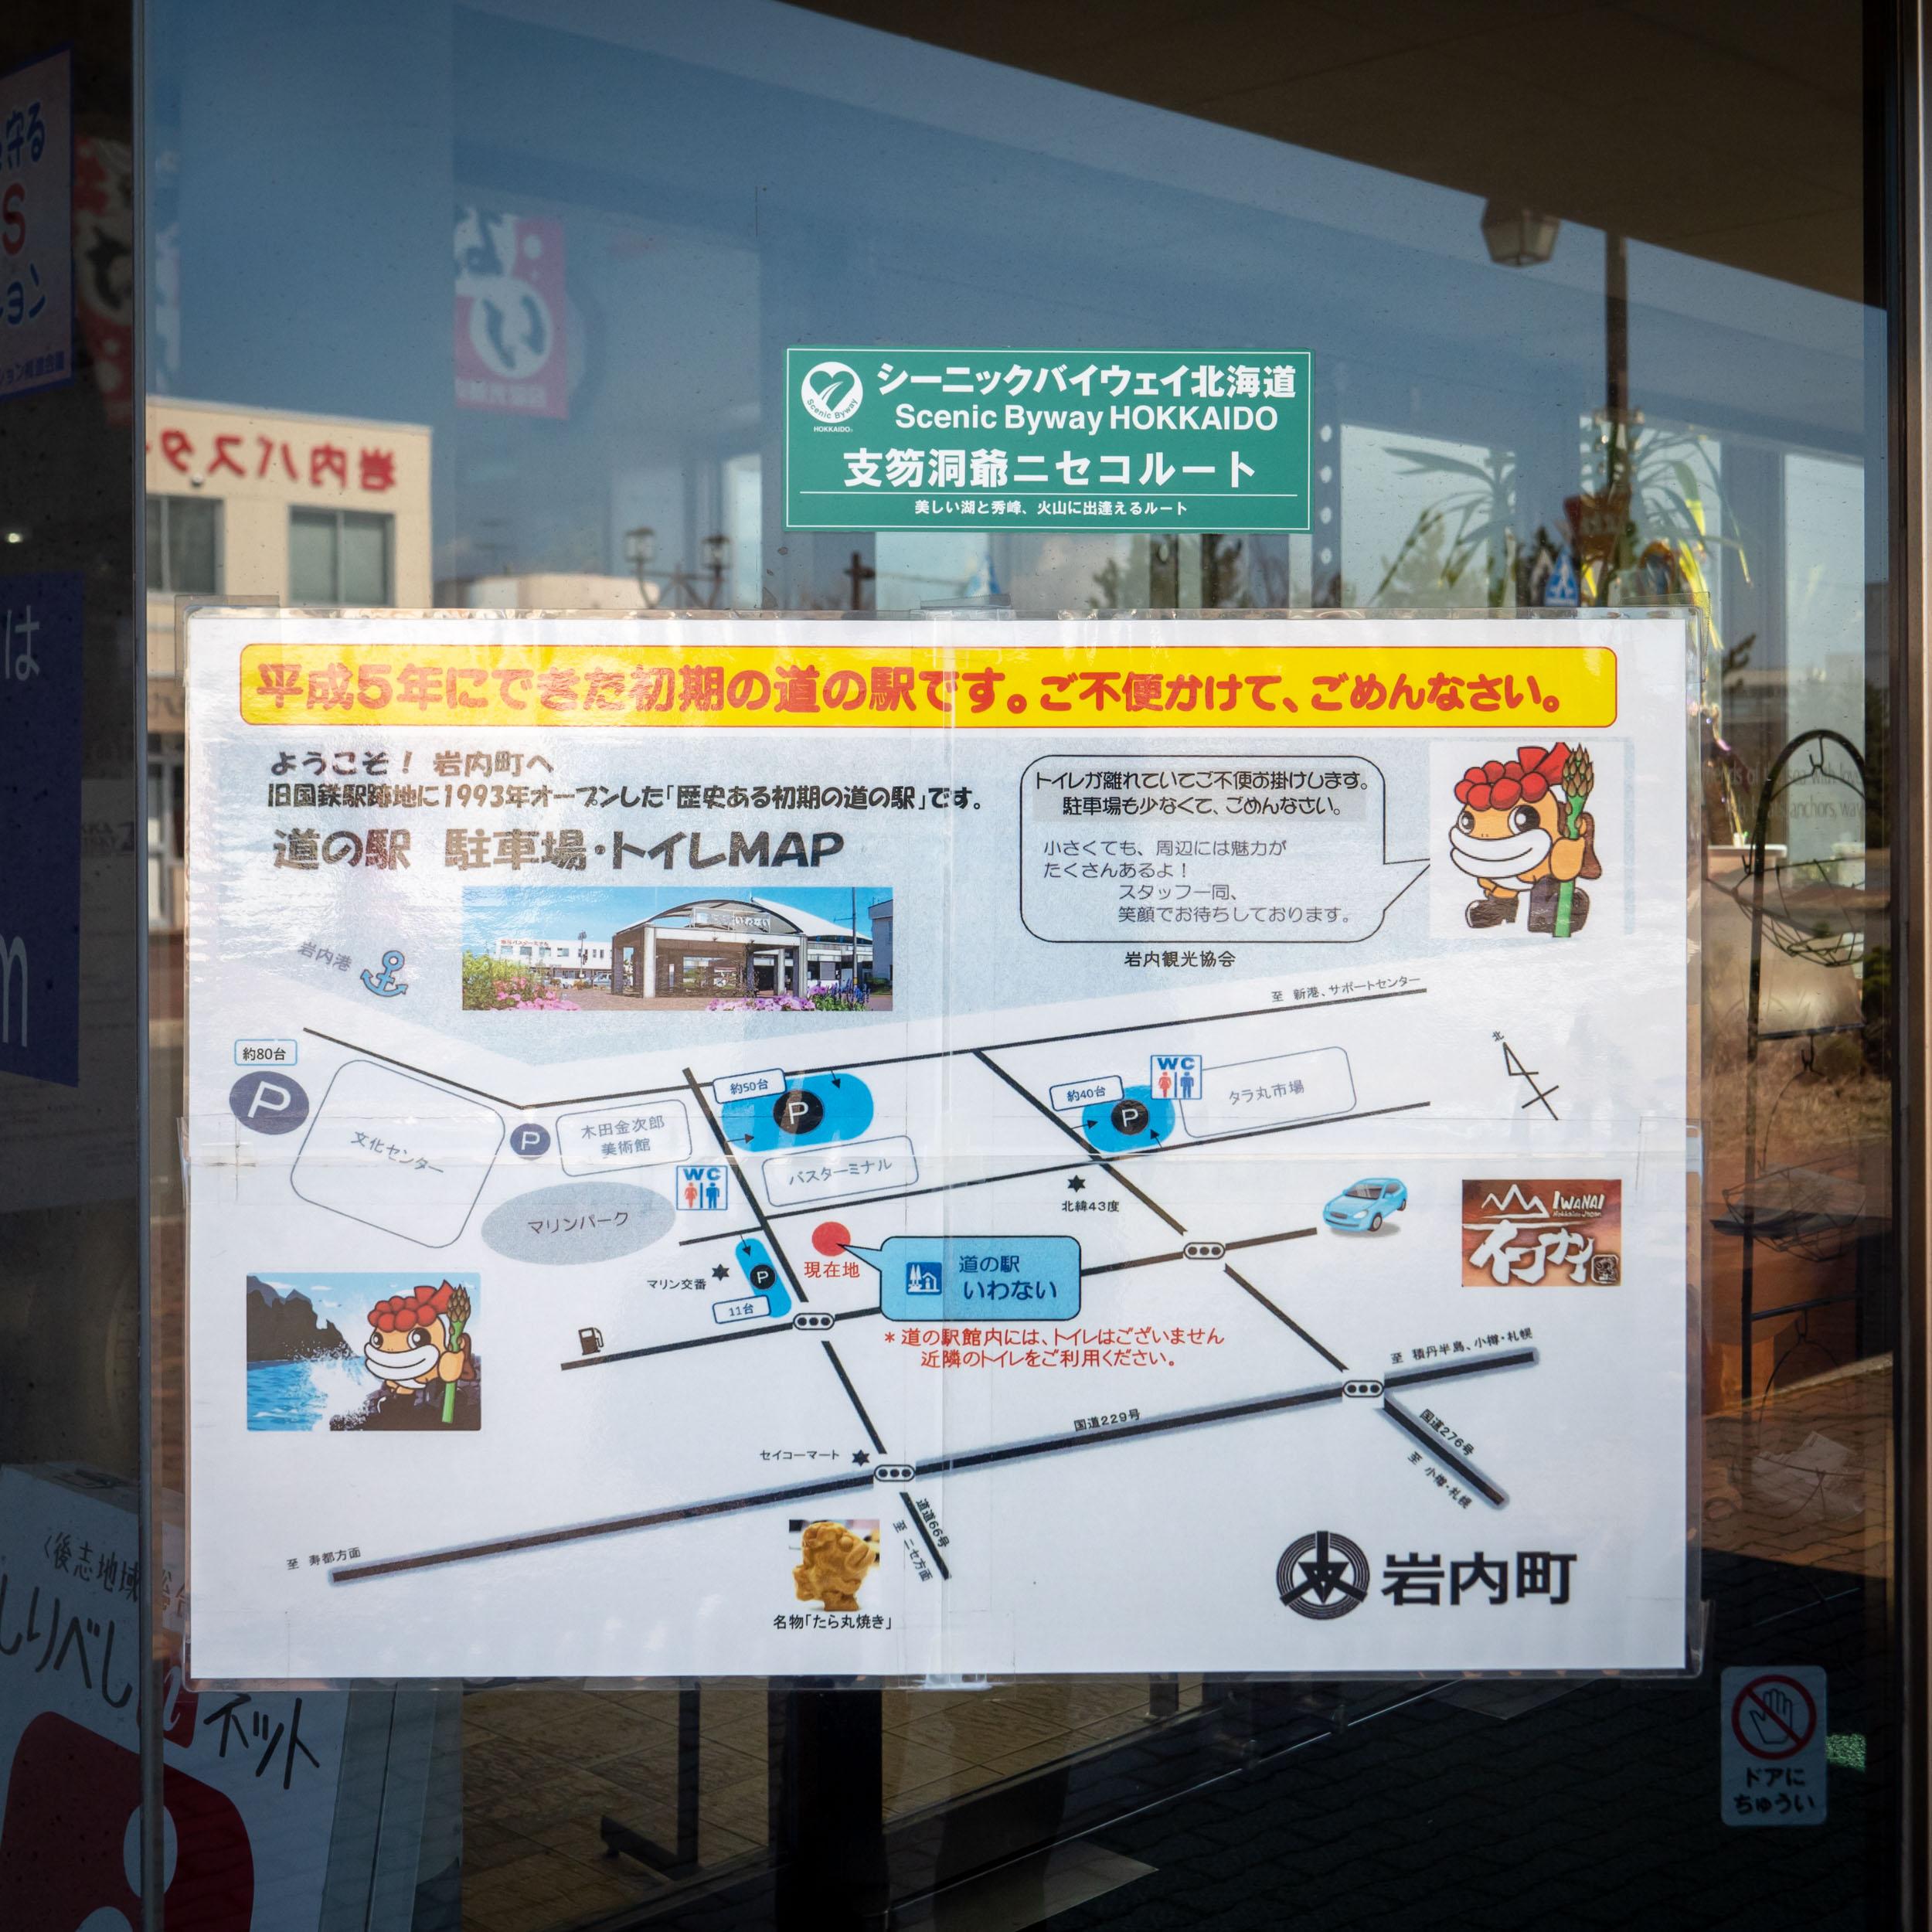 道の駅いわない玄関の張り紙「トイレがない」DMC-GX8 + LEICA DG 12-60mm